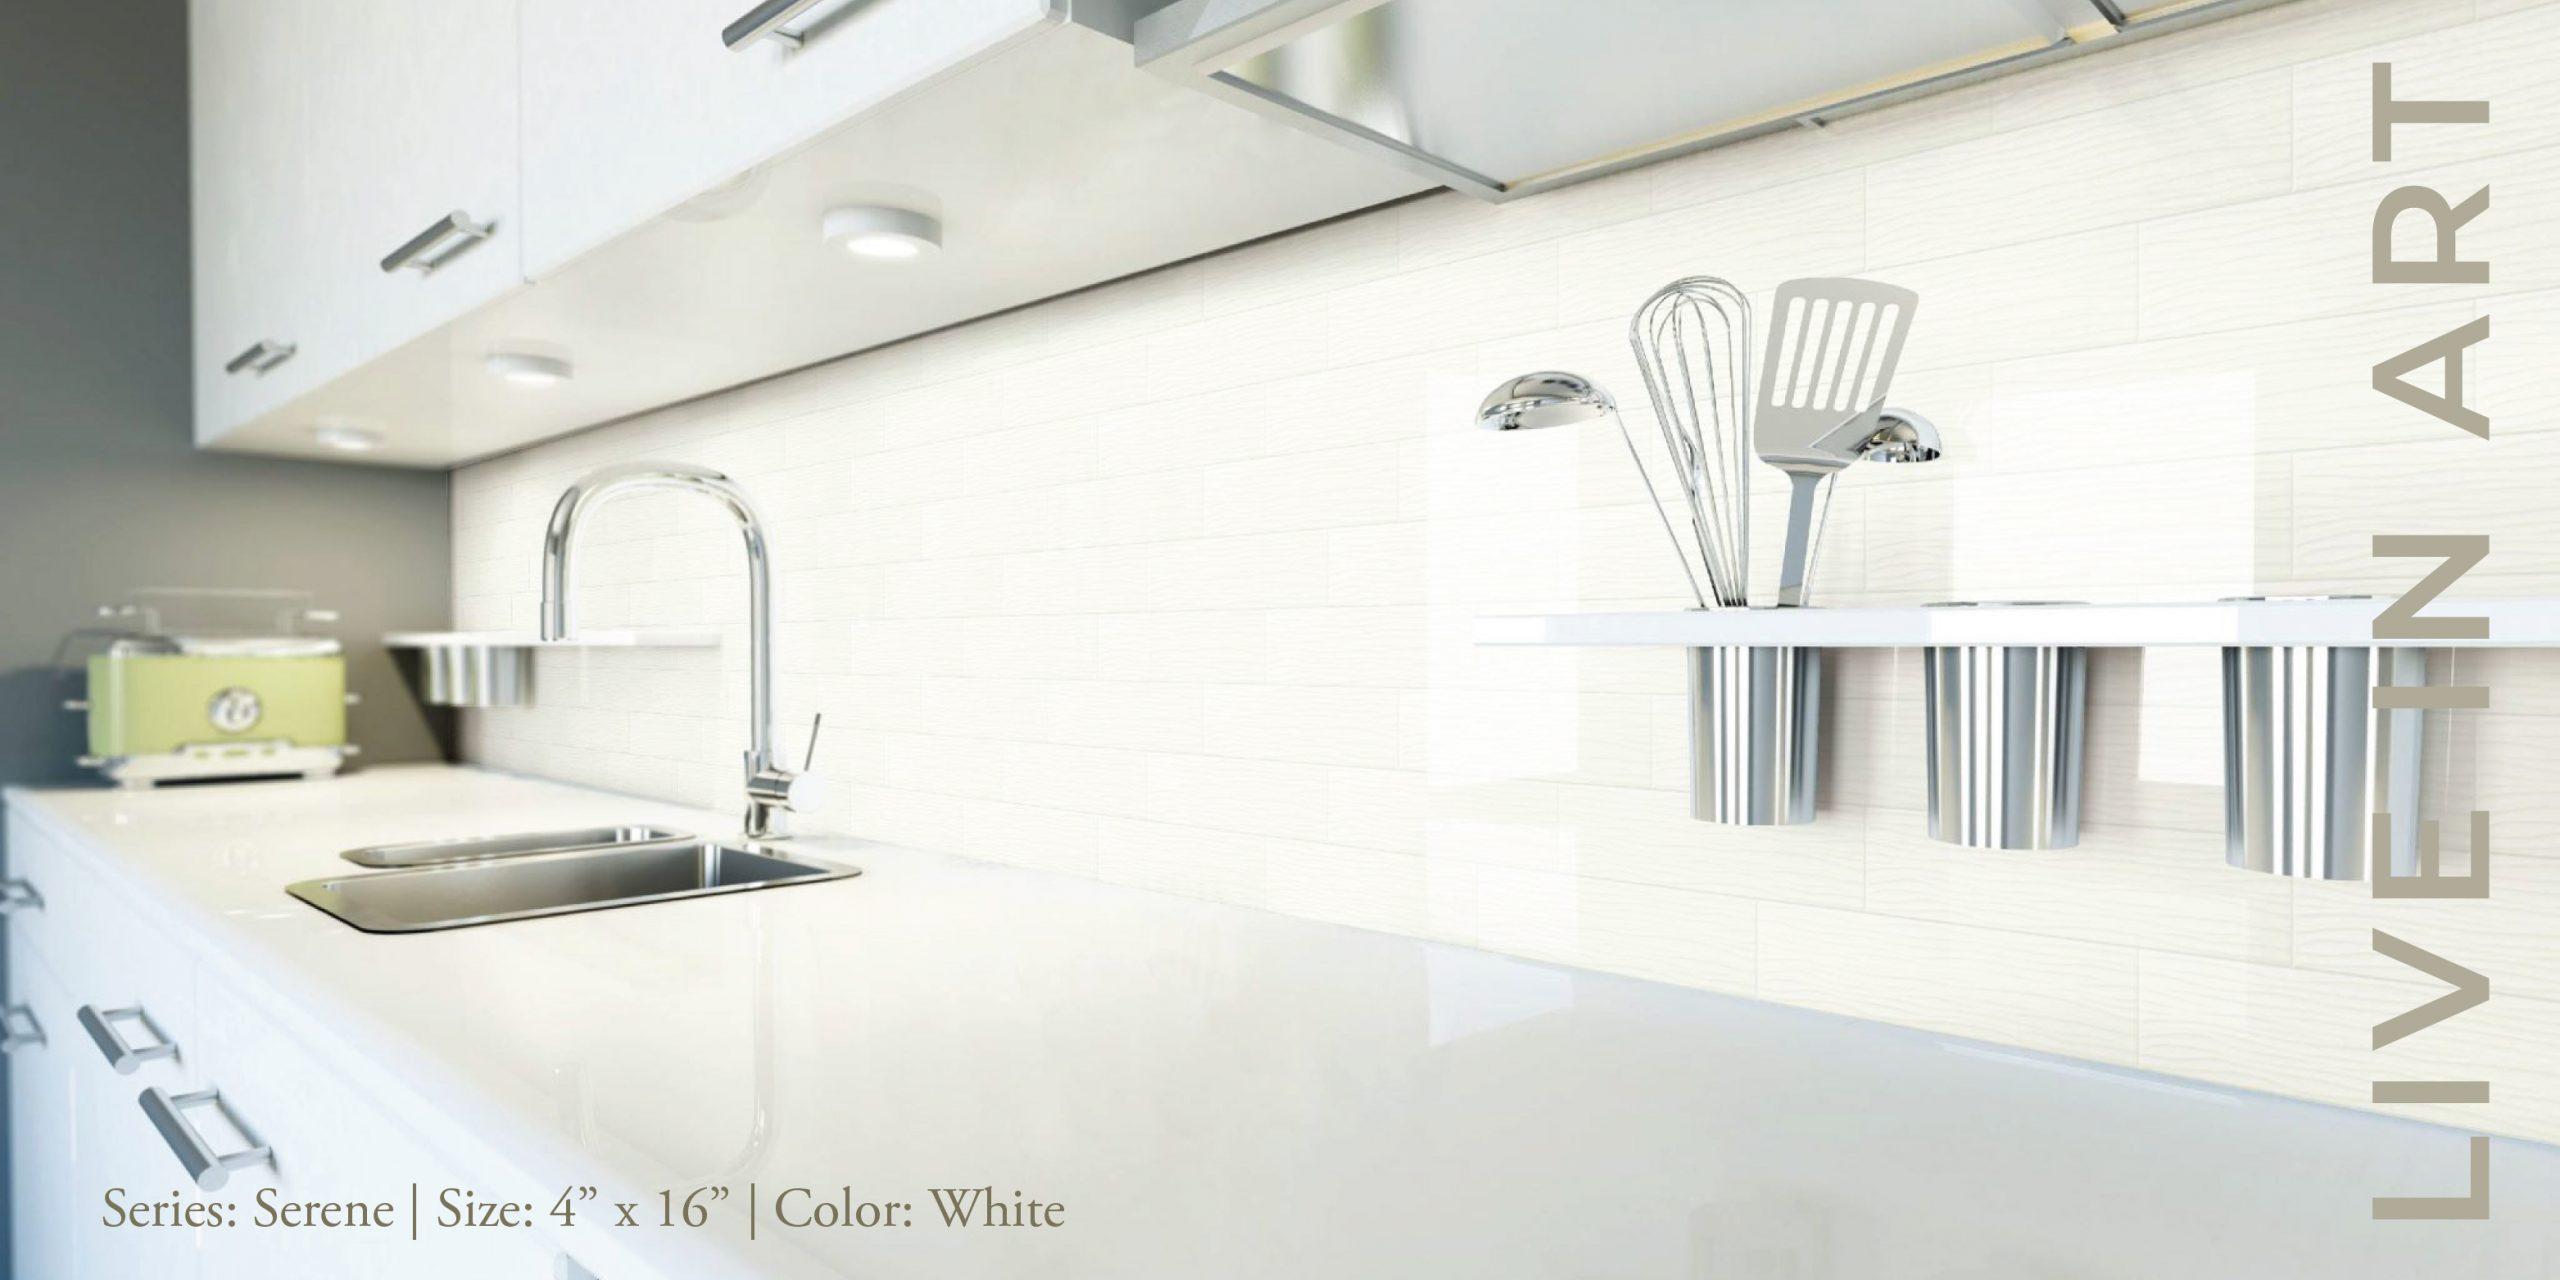 Serene Bright White 4x16